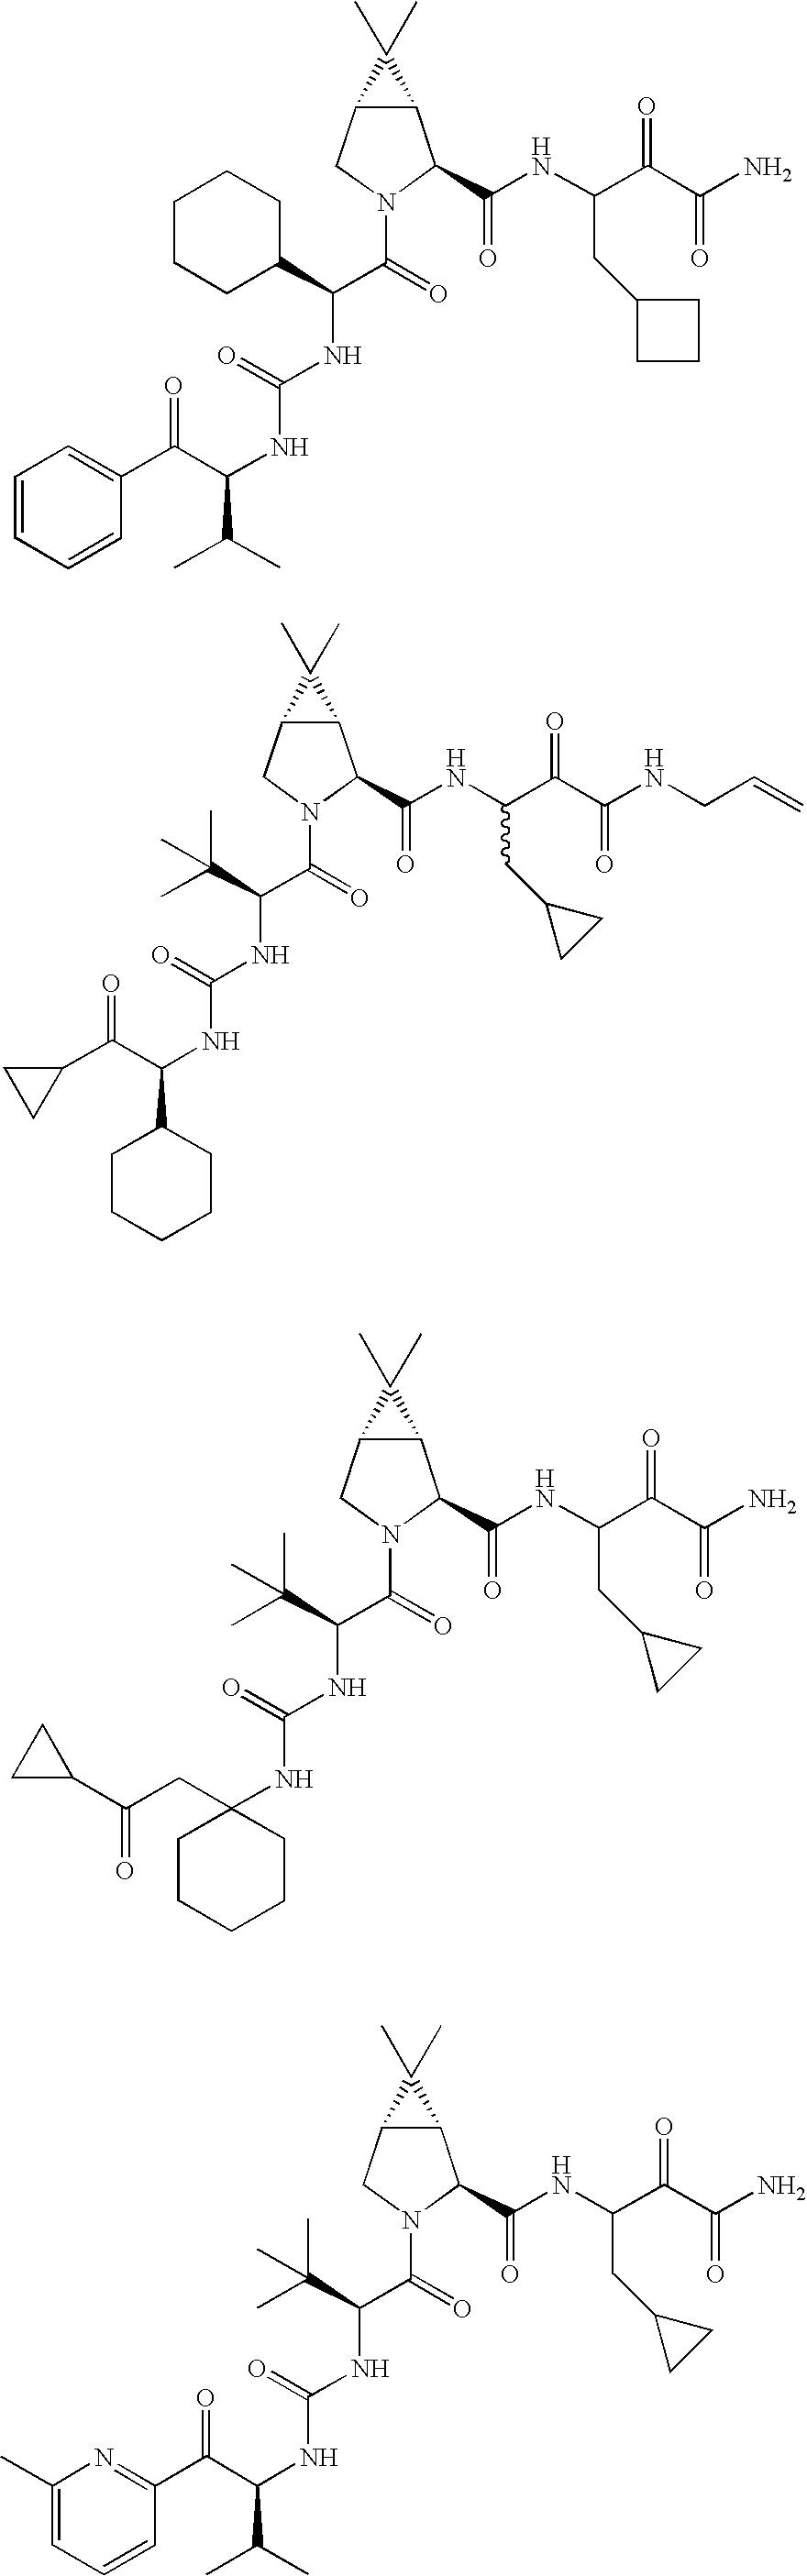 Figure US20060287248A1-20061221-C00234